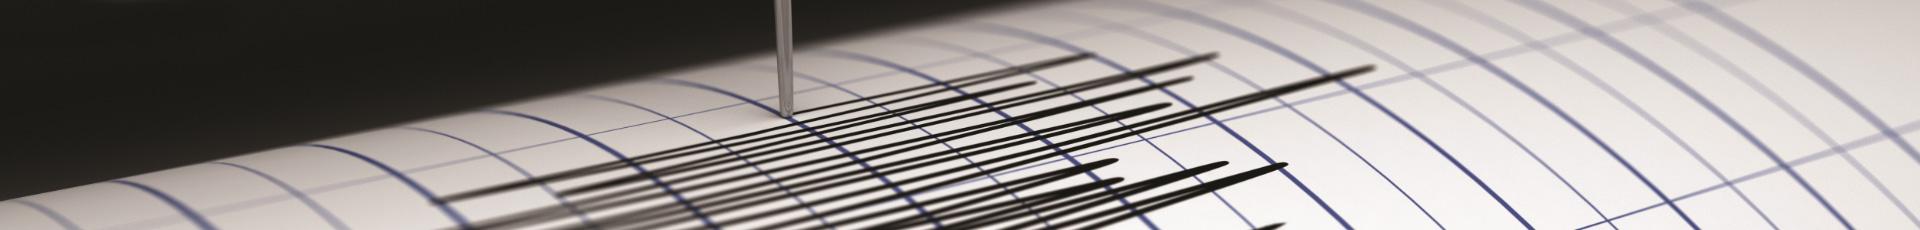 sismografo rileva una scossa di terremoto e lo traccia sul grafico